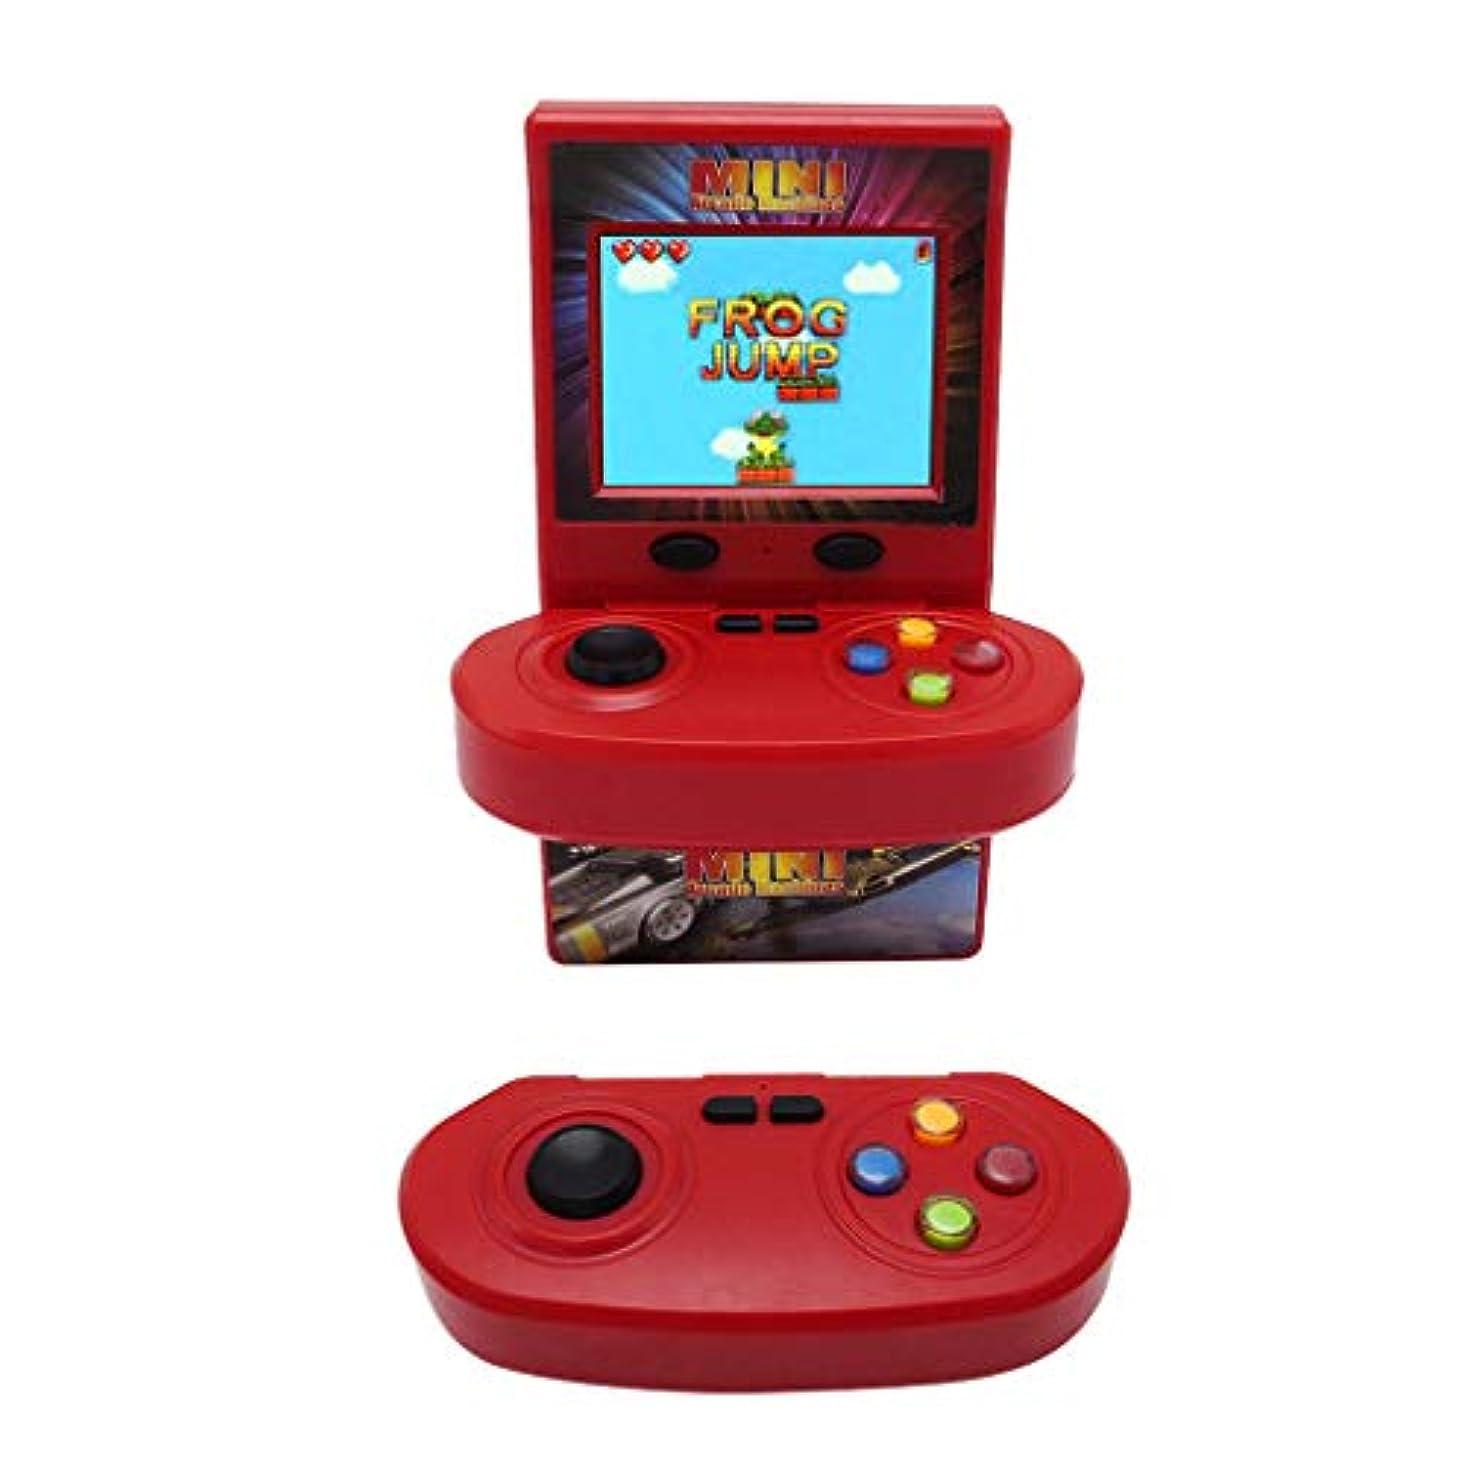 記事傑出した瞬時にゲームコンソール ダブルワイヤレスジョイスティック アーケードゲーム コンソール ノスタルジック 100ゲーム ゲームプレーヤー ダブルハンドル 携帯ゲーム機huajuan